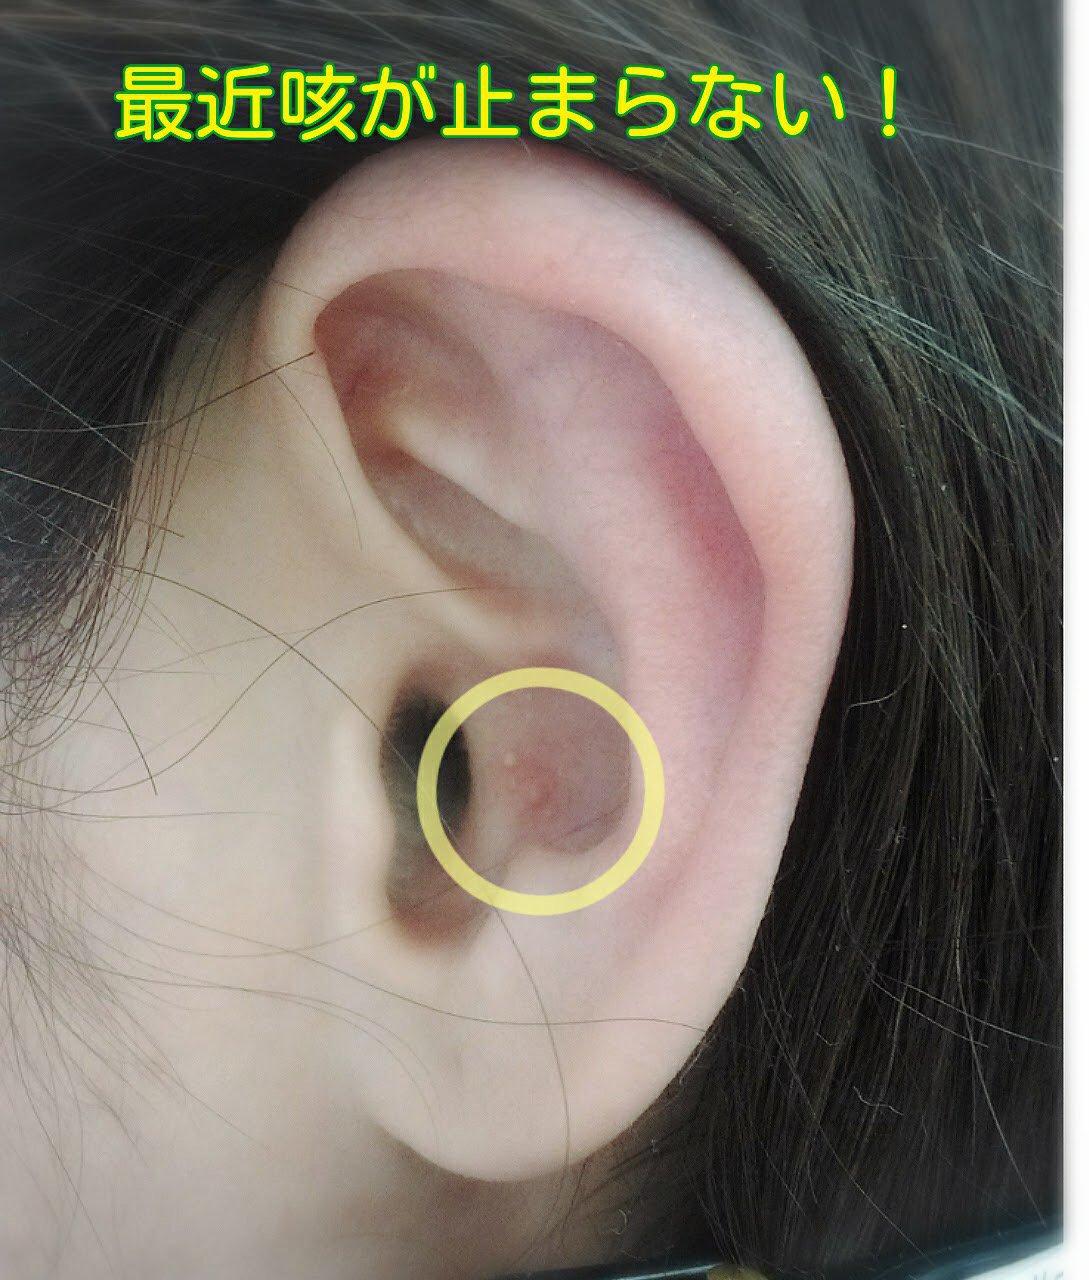 ☆お試しクーポン☆耳つぼセラピー体験 1000円(特許取得 耳つぼ刺激 透明シール)のイメージその3